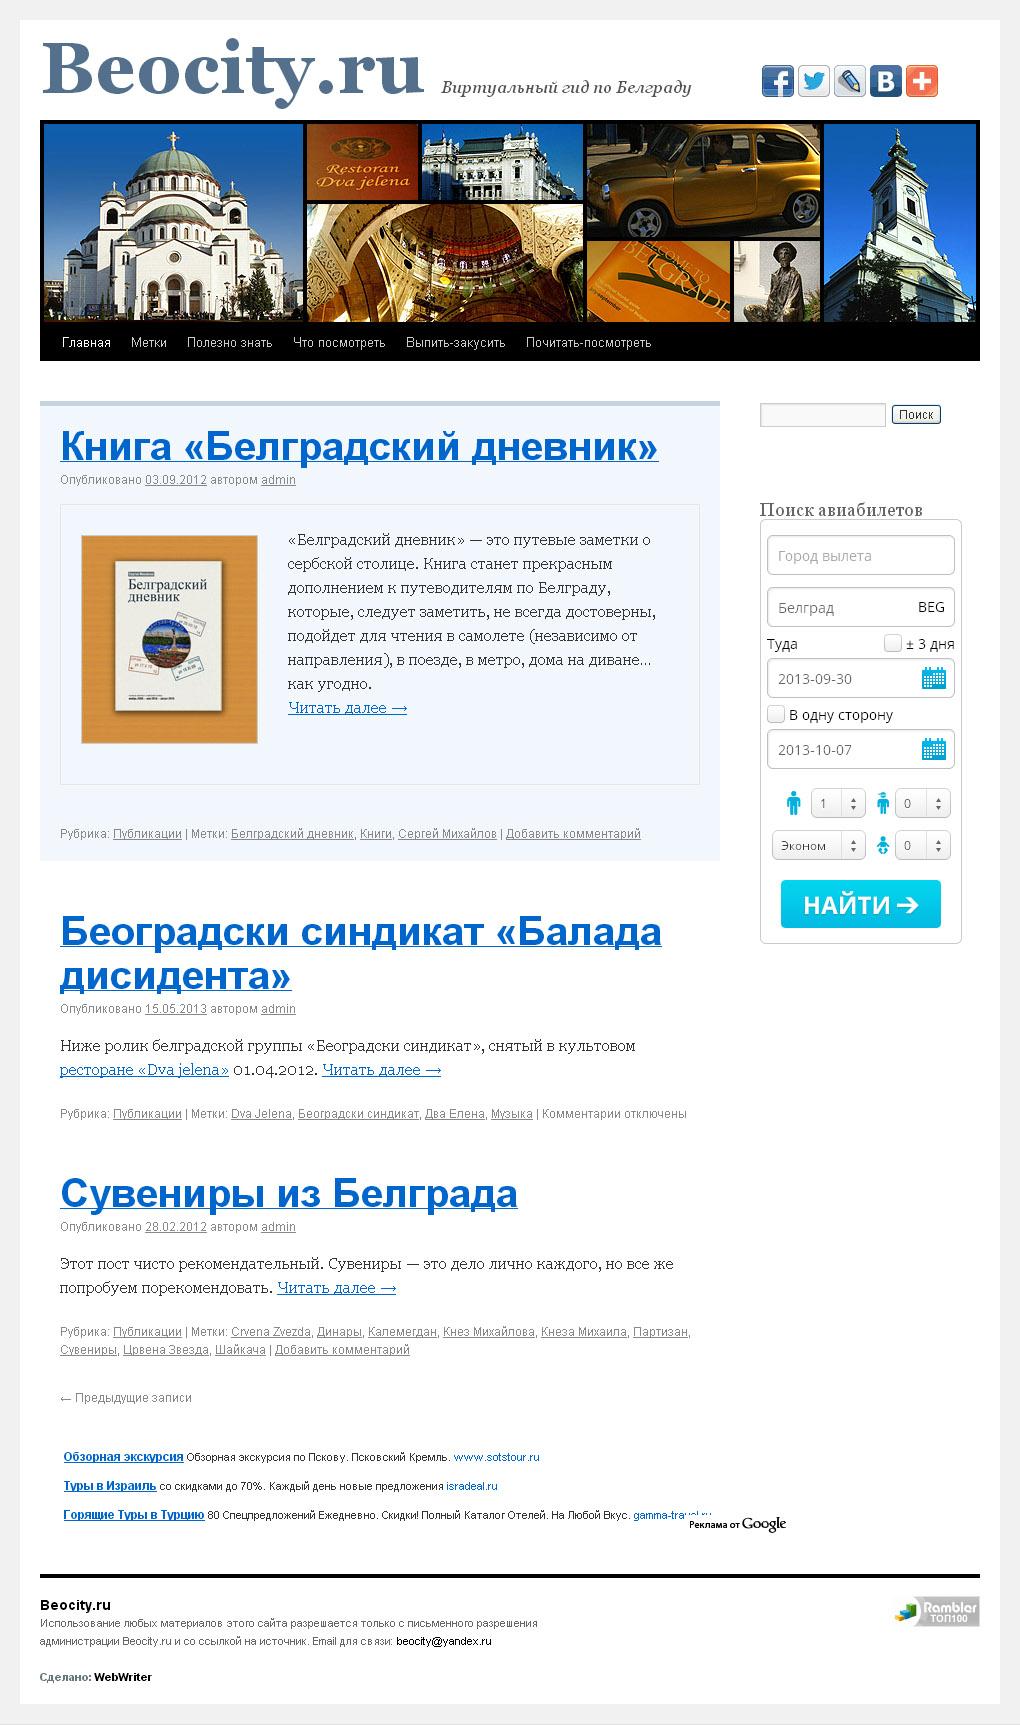 Beocity.ru - виртуальный гид по Белграду